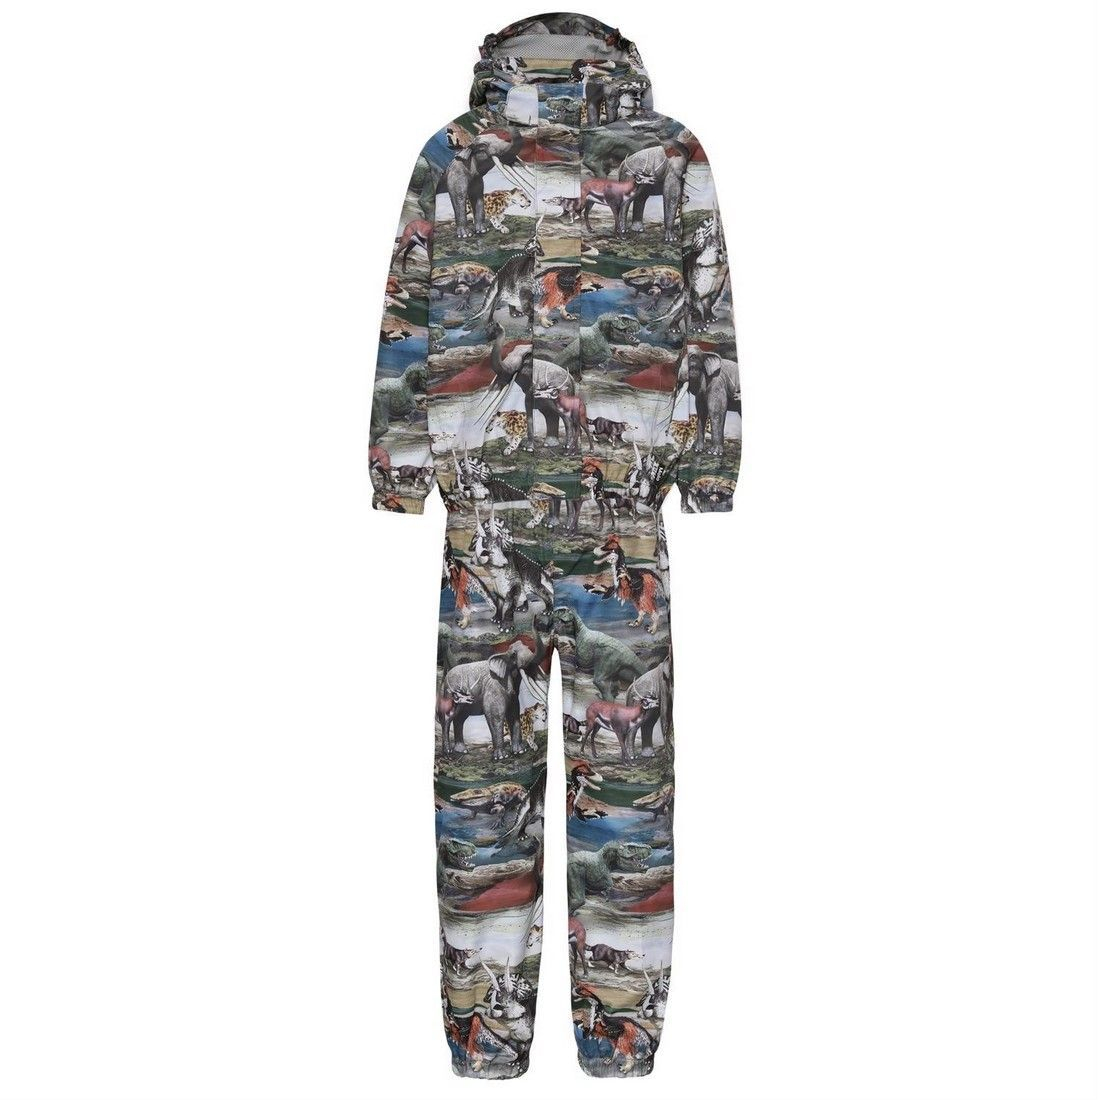 Комплект Molo (куртка+брюки) Whalley Ancient Animals